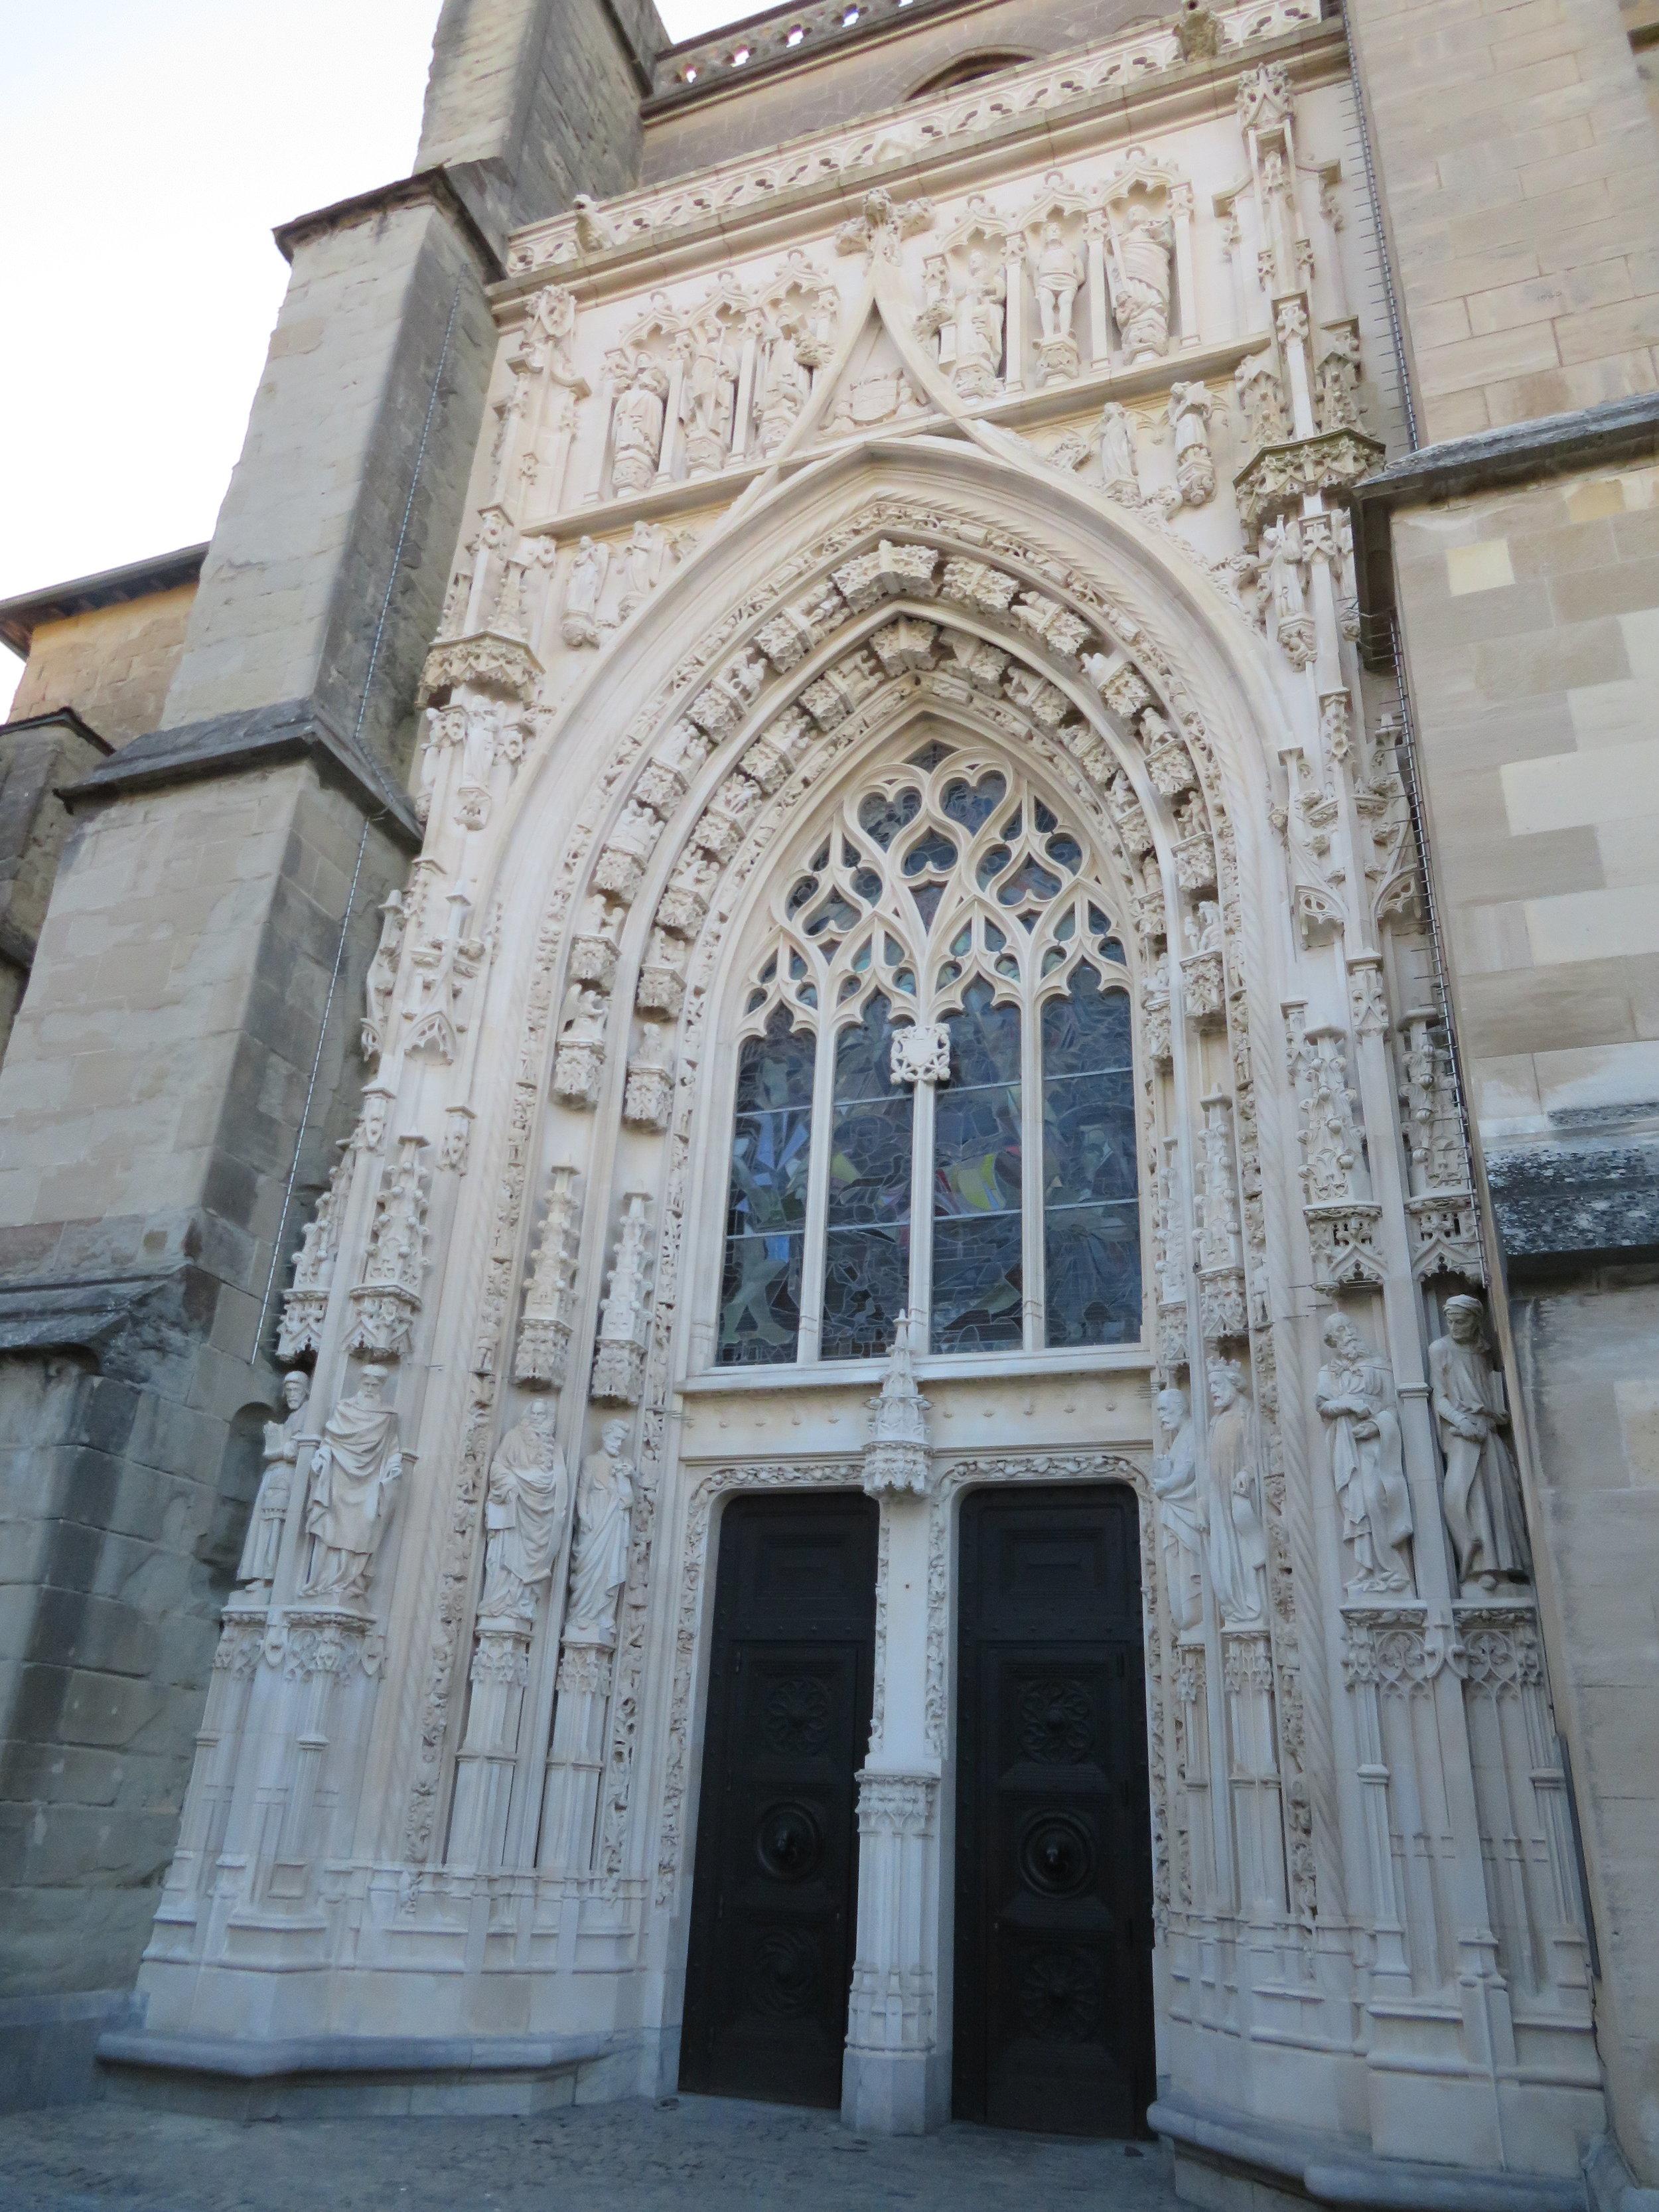 South entrance door